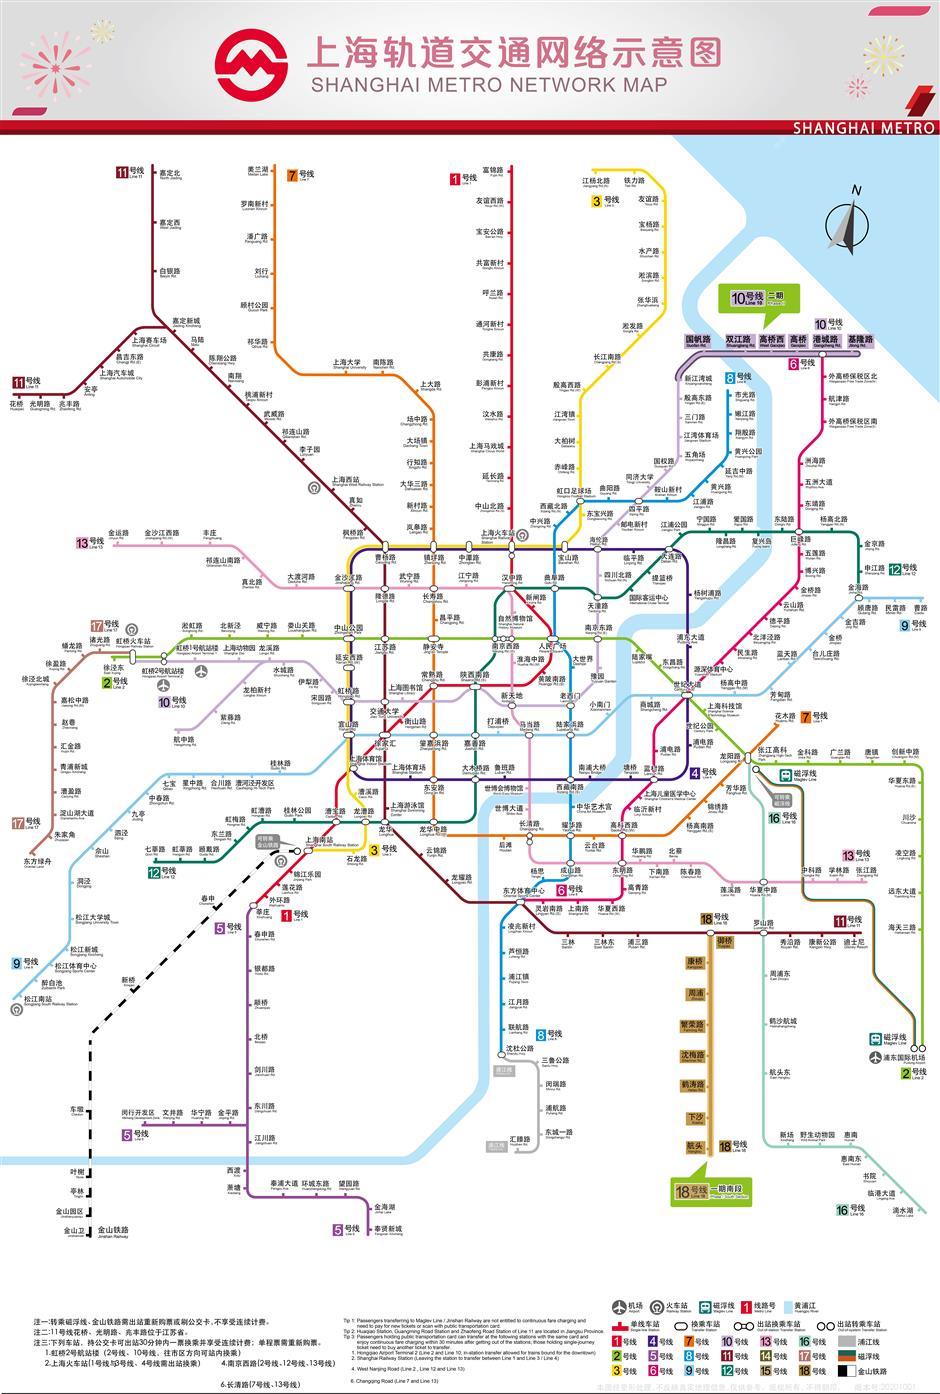 Текущая сеть метро Шанхая